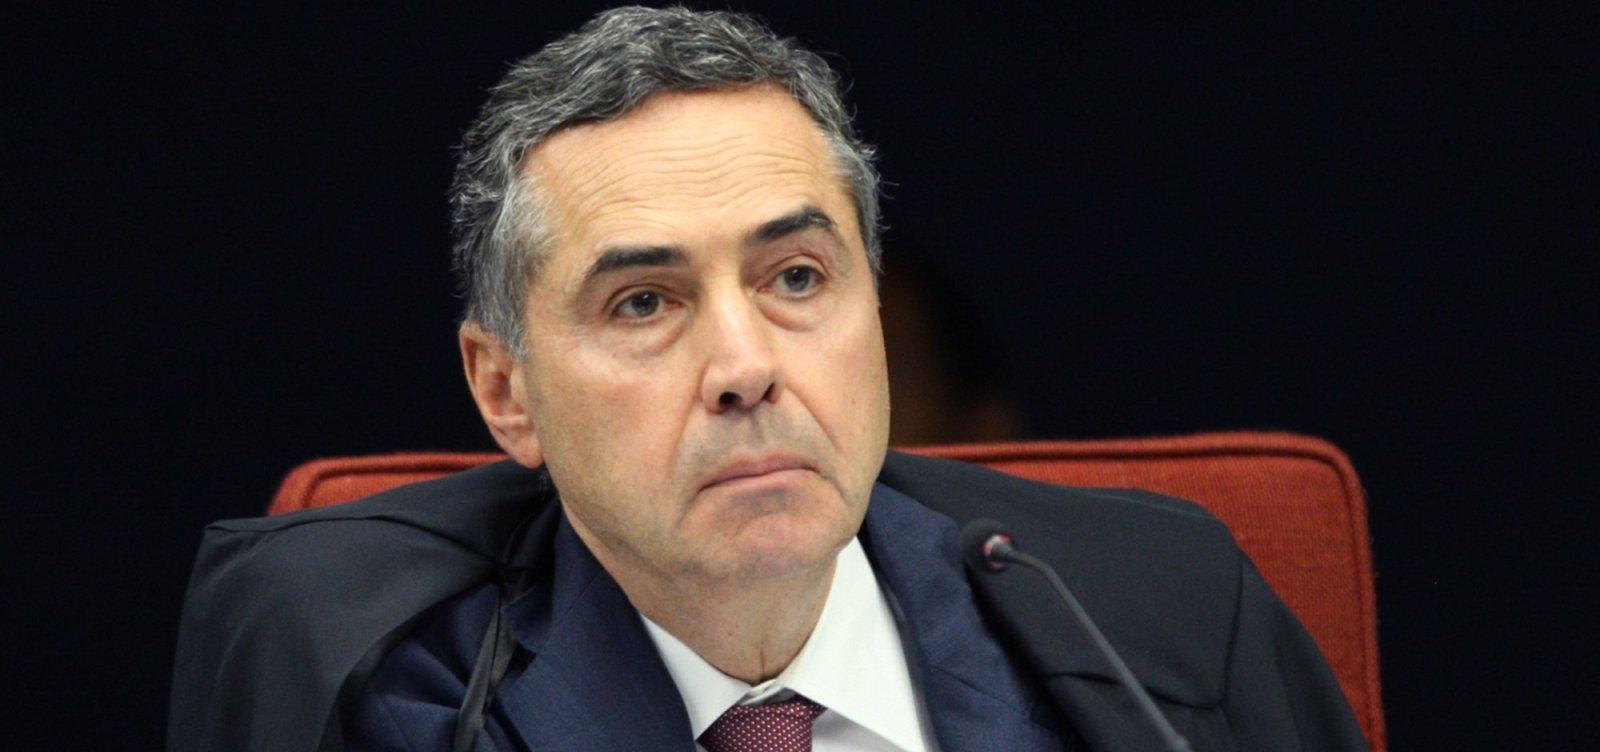 Barroso recua após 'tom ácido' ao falar de corrupção no STF